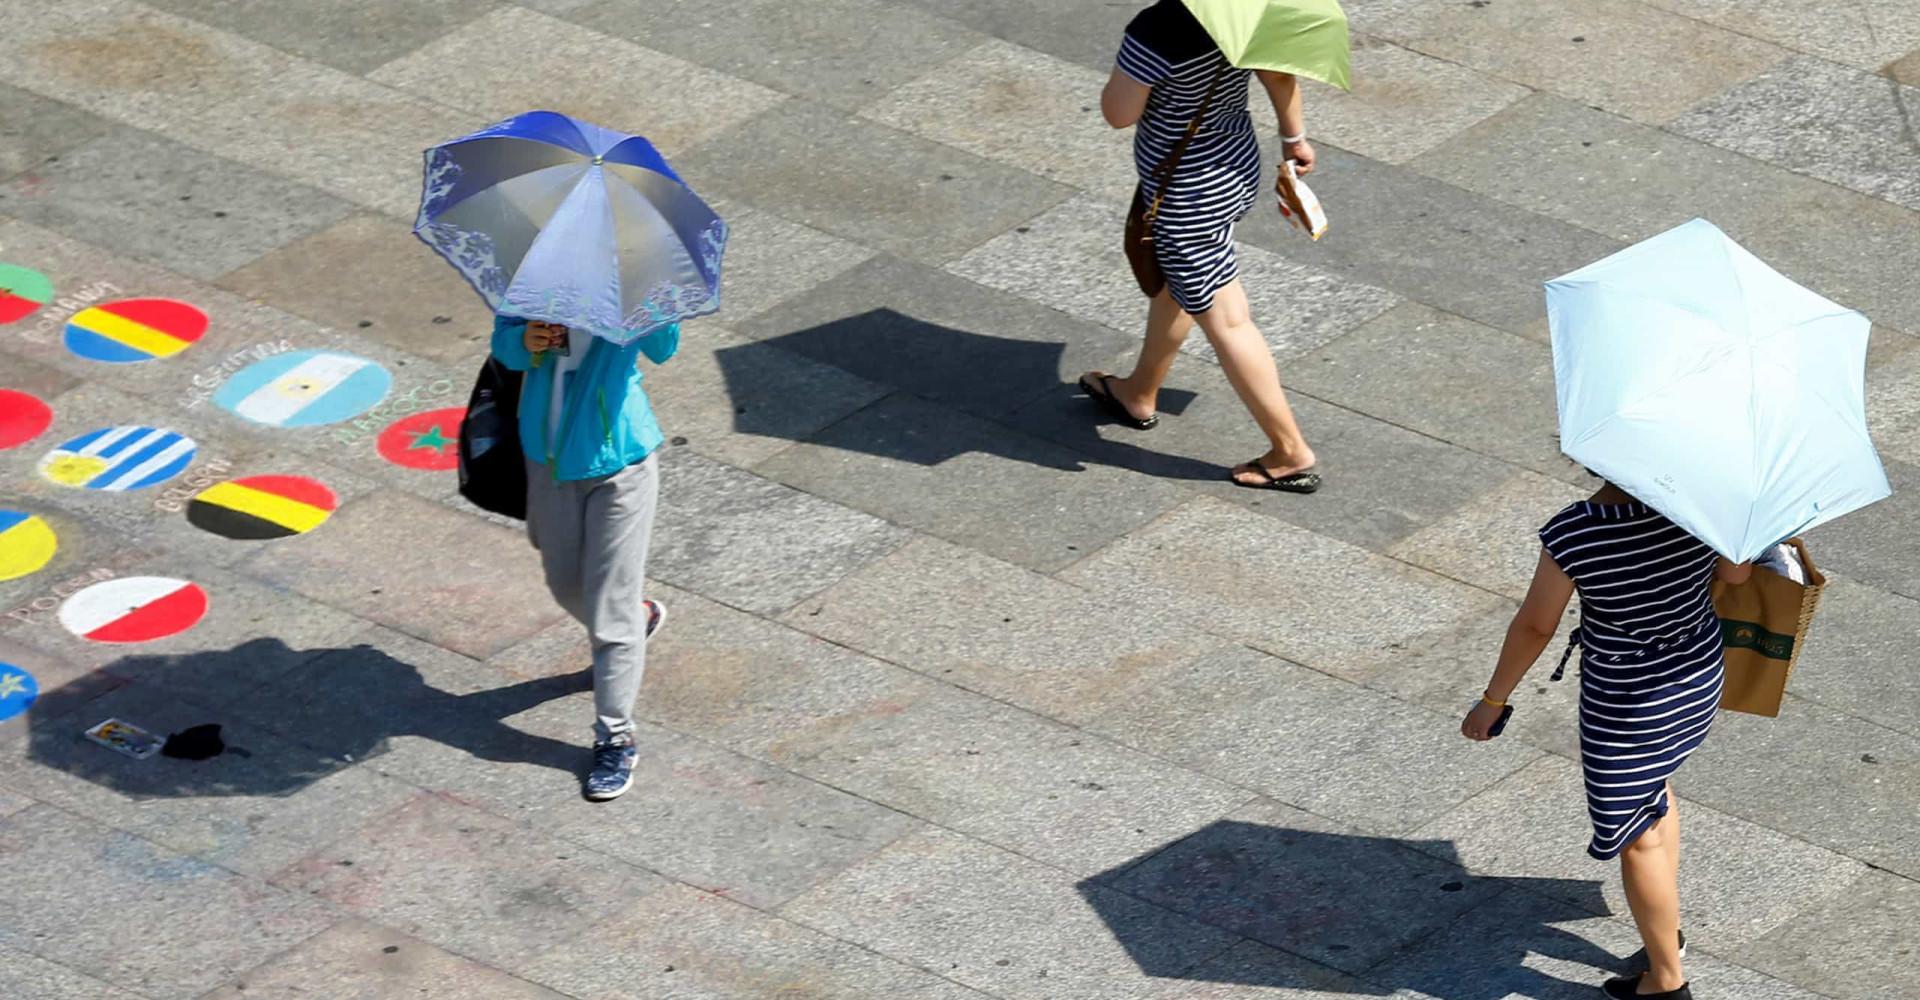 Europa smälter bort i en ny värmebölja